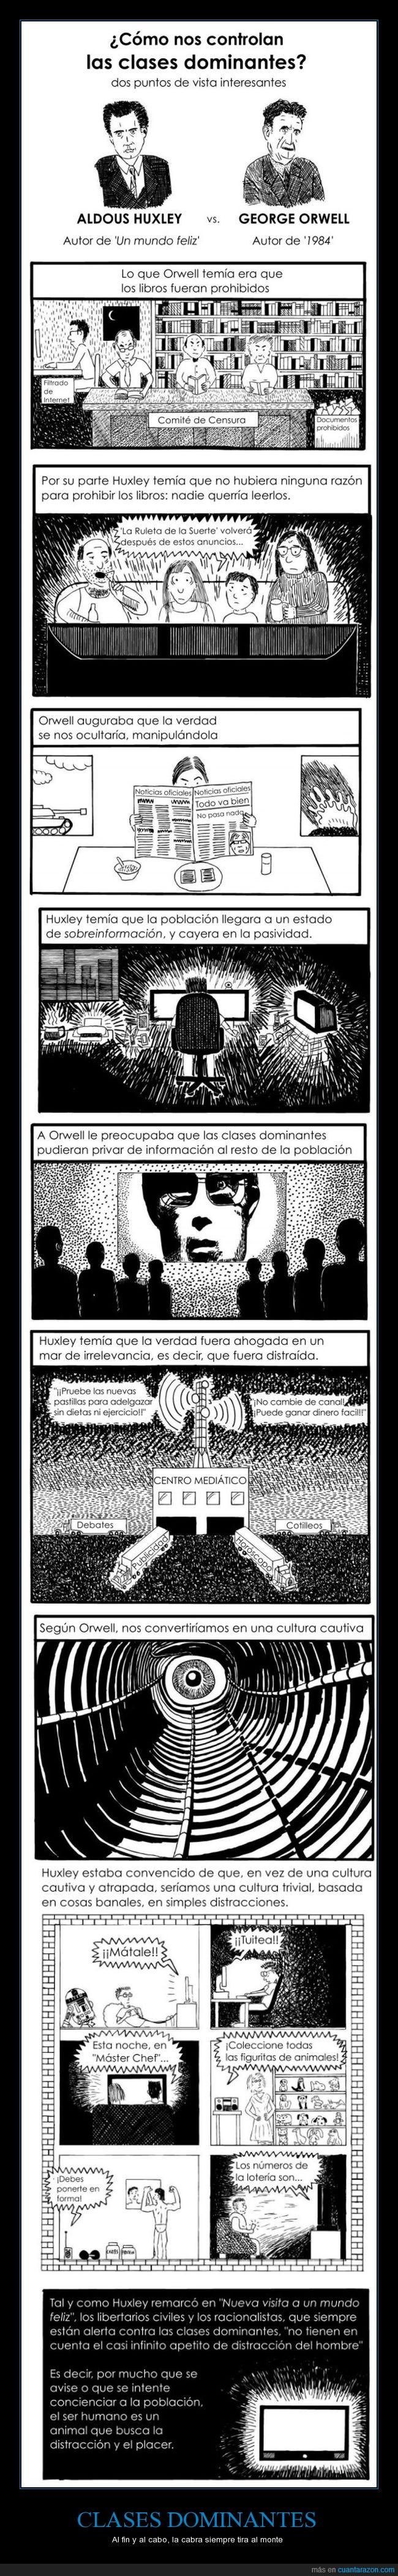 clase dominante,distracción,huxley,orwell